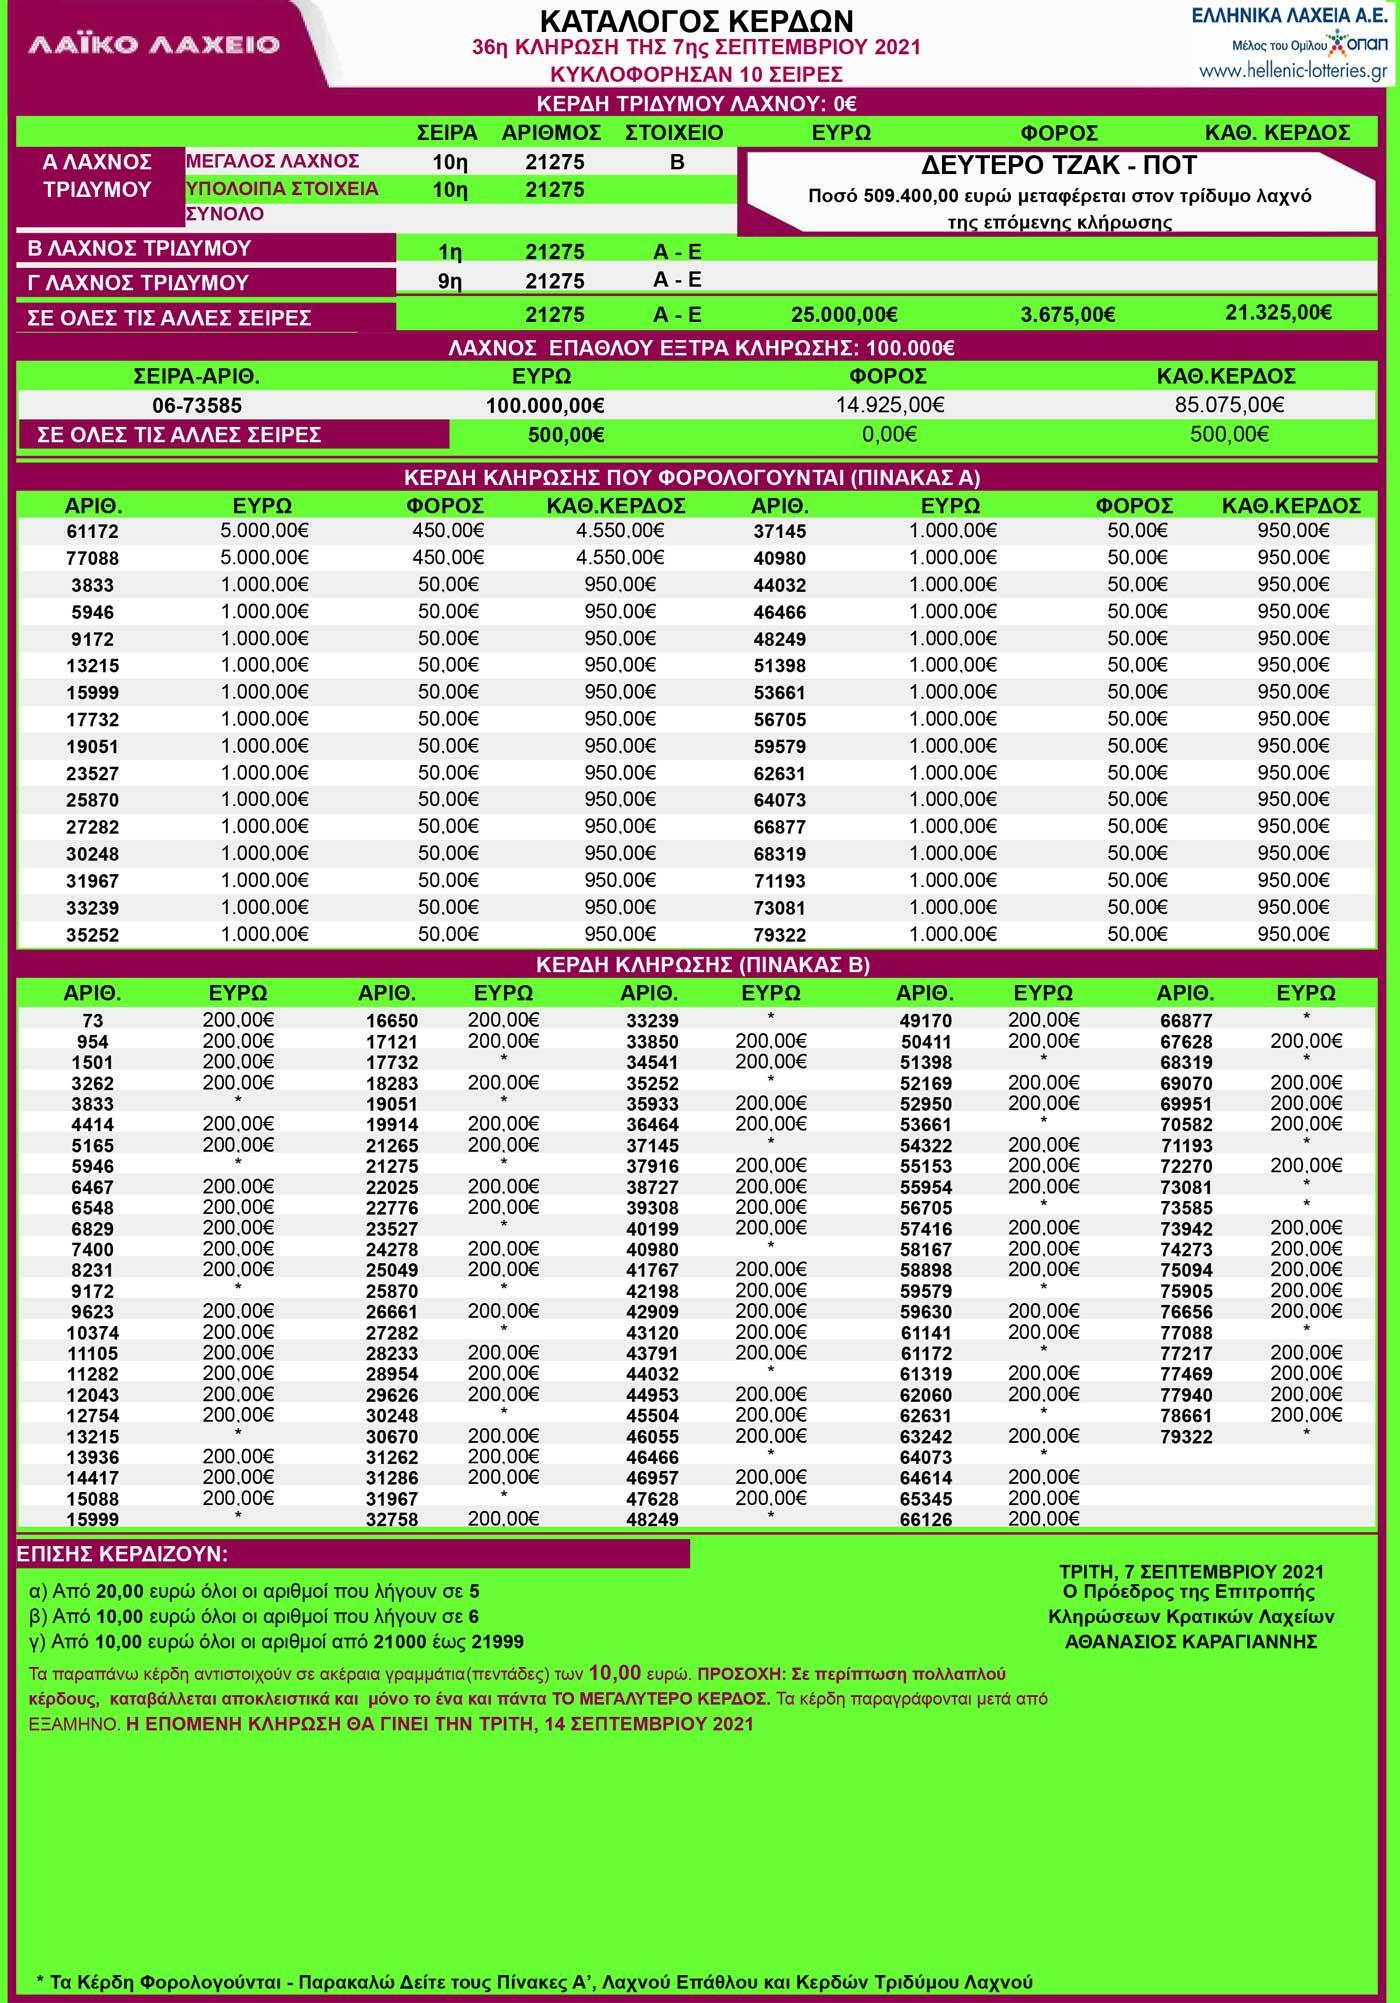 ΛΑΙΚΟ-ΛΑΧΕΙΟ-7-9-21-ΚΛΗΡΩΣΕΙΣ-ΛΑΙΚΟΥ-ΛΑΧΕΙΟΥ-ΚΛΗΡΩΣΗ-36-κερδη-λαικο-7-Σεπτεμβριου-2021